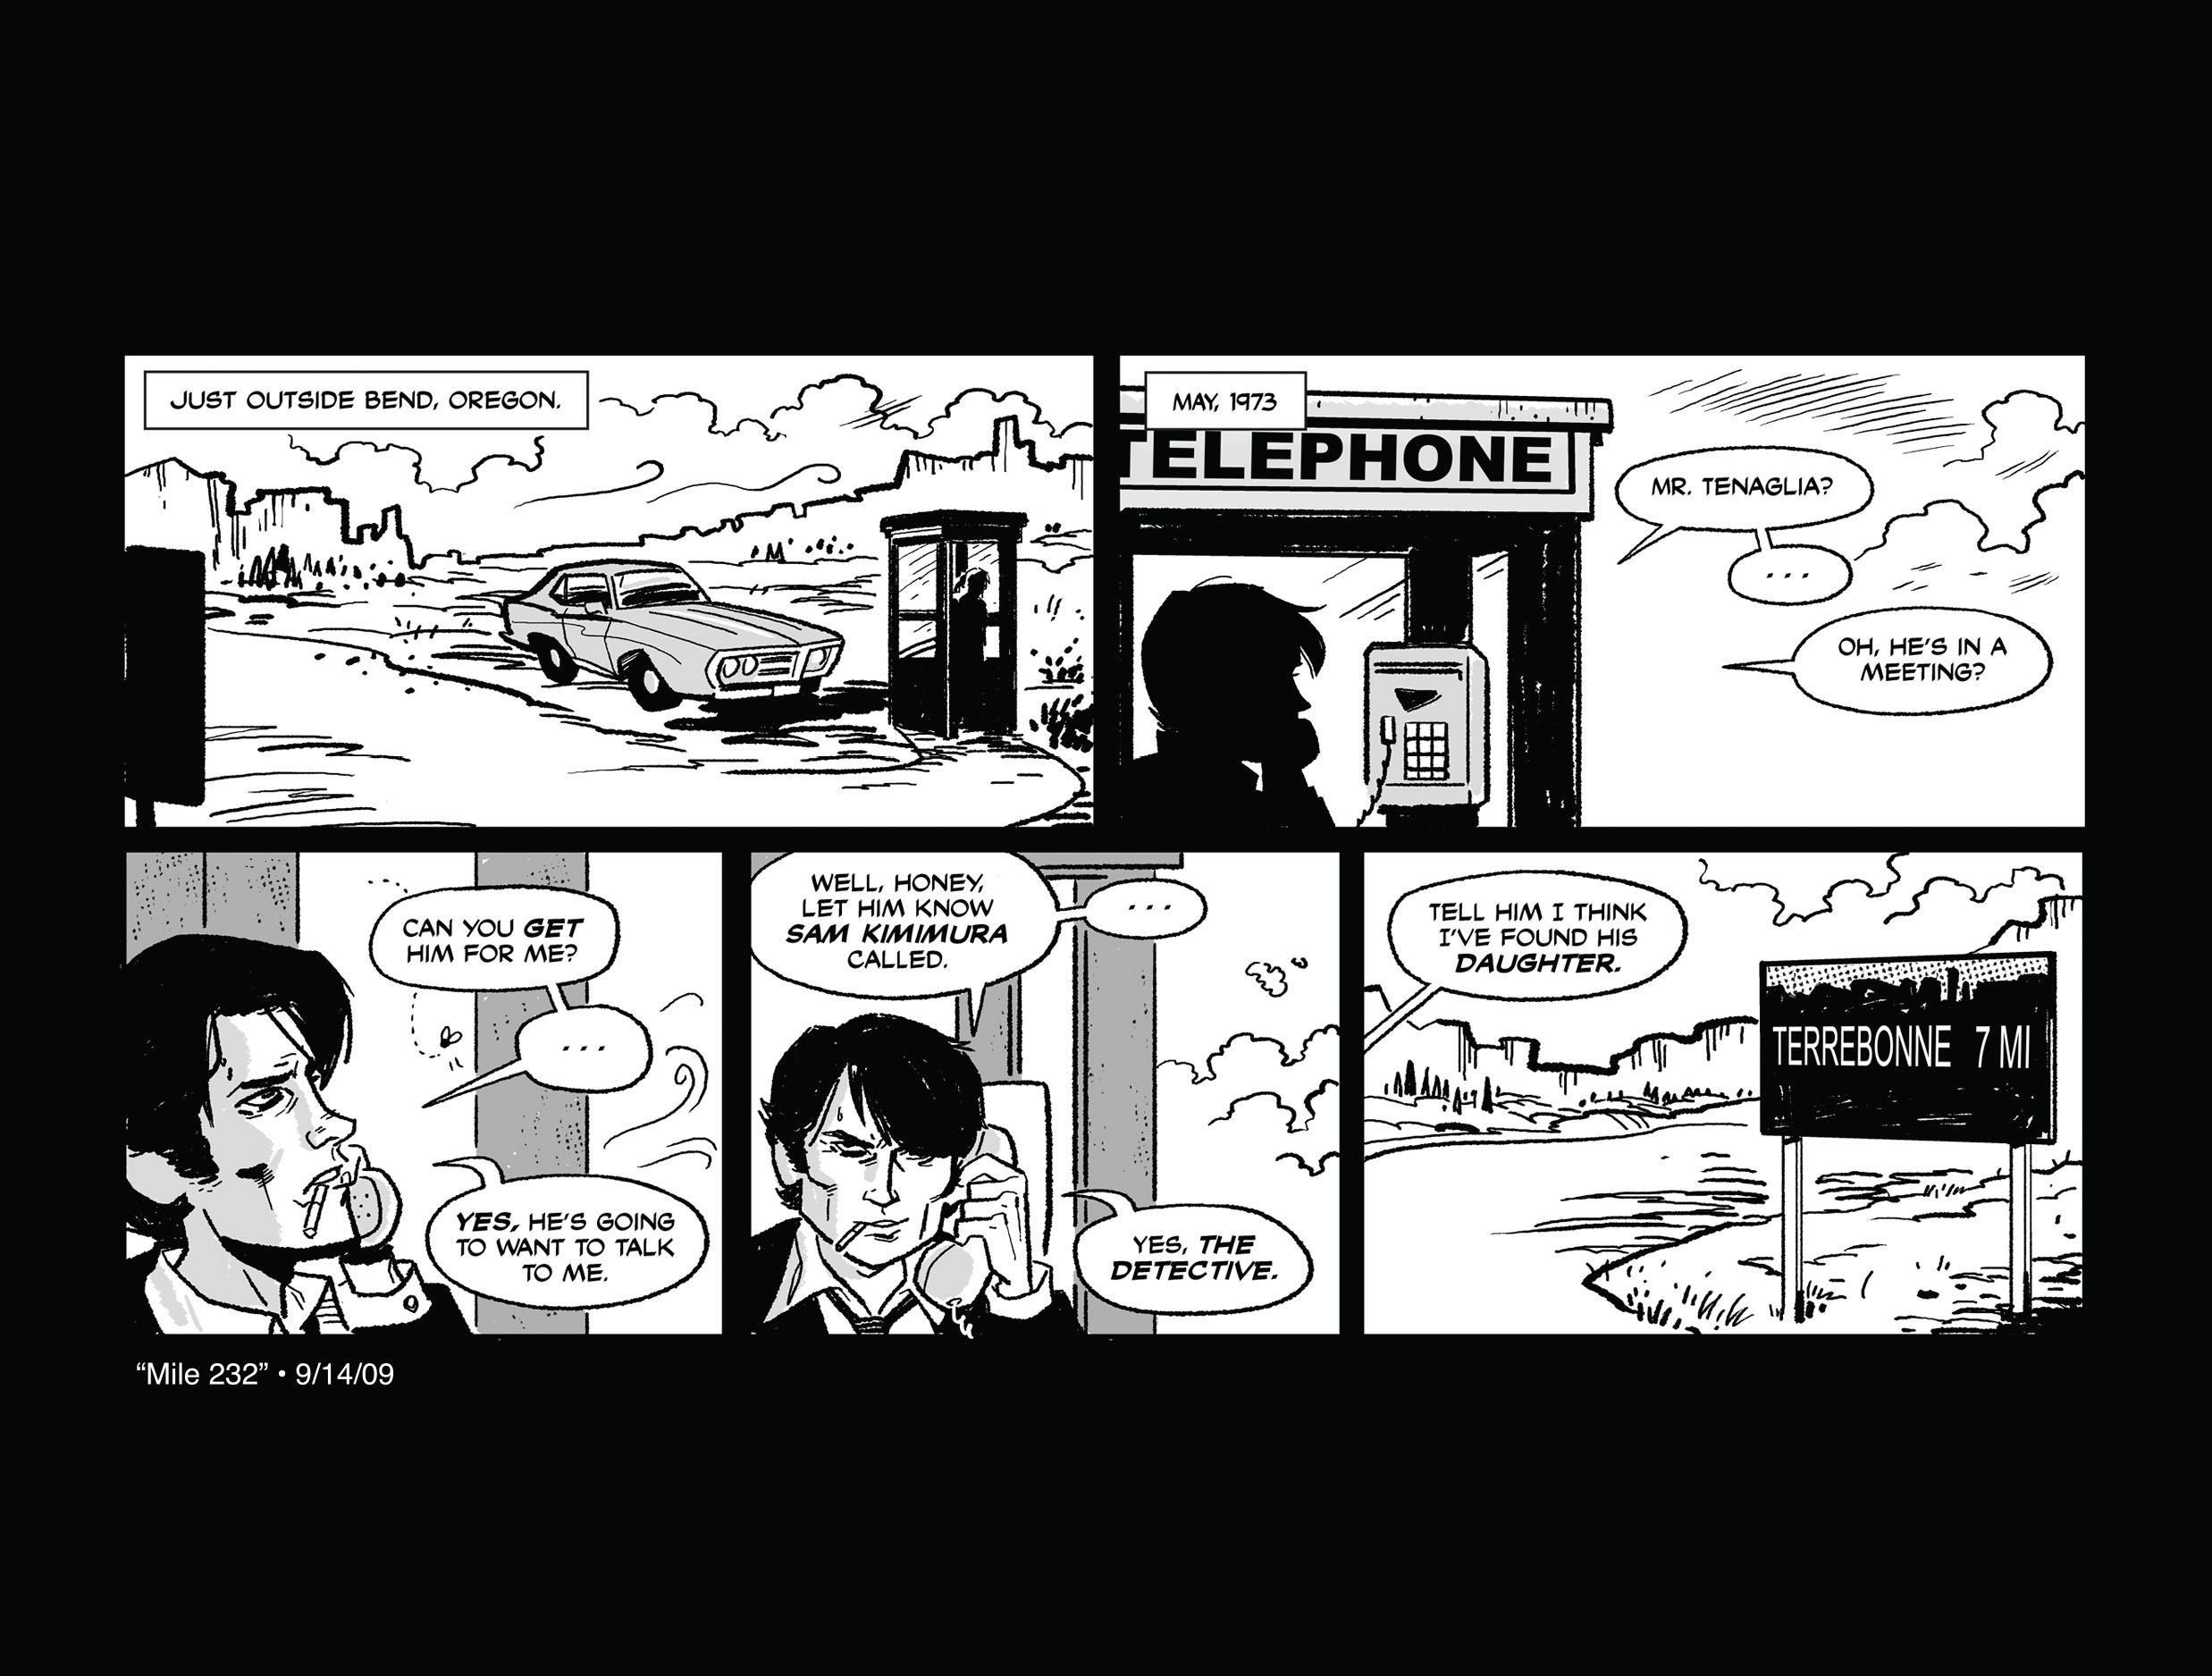 Read online She Died In Terrebonne comic -  Issue #1 - 6